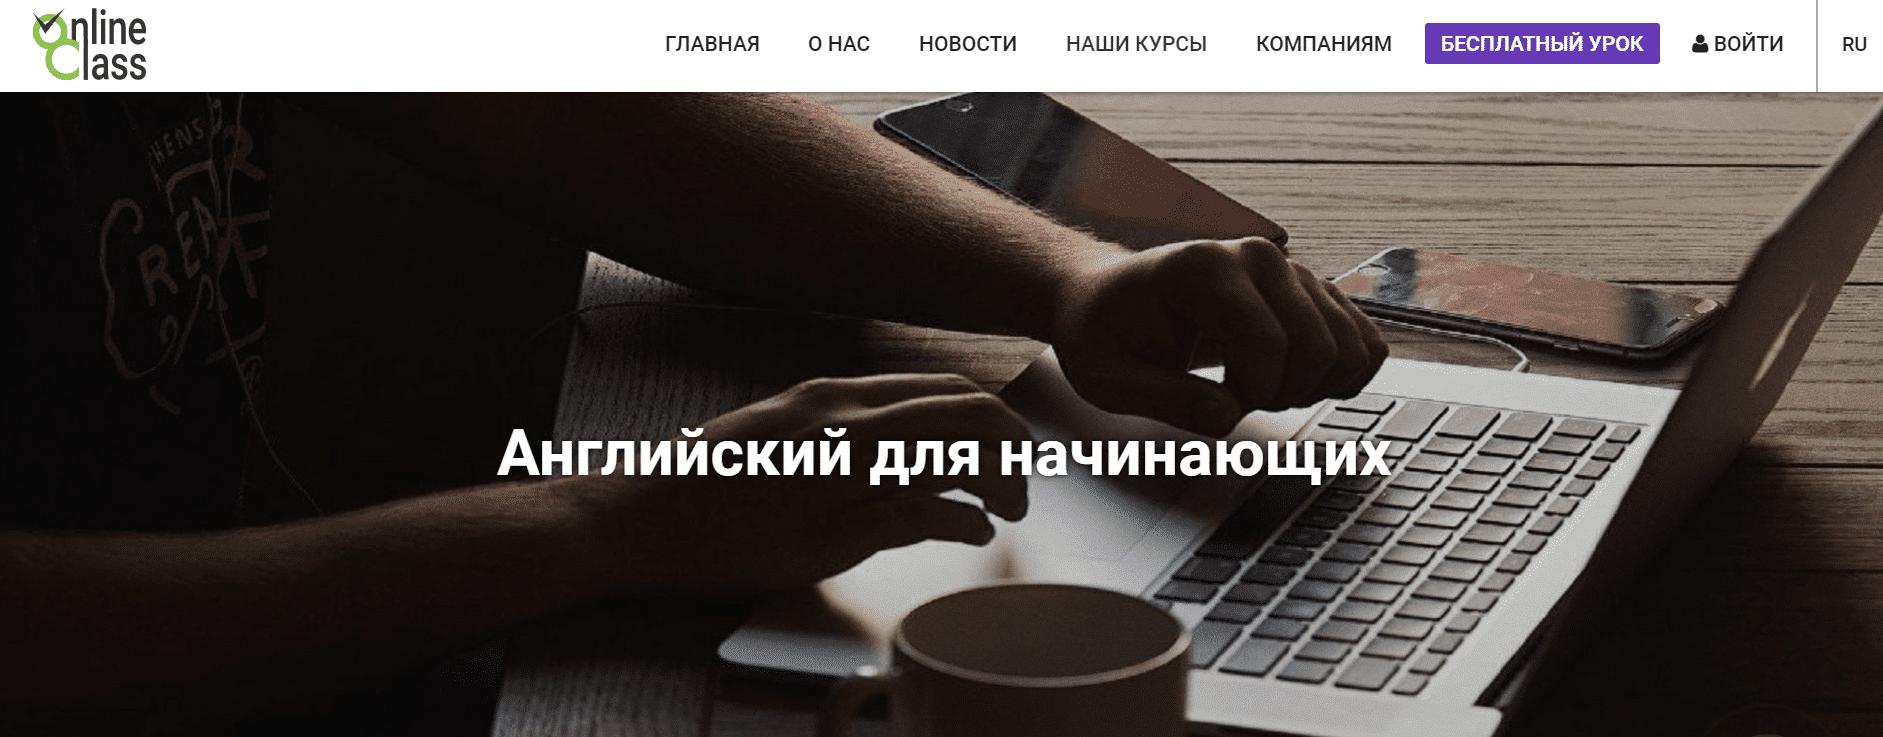 Английский для начинающих Online class